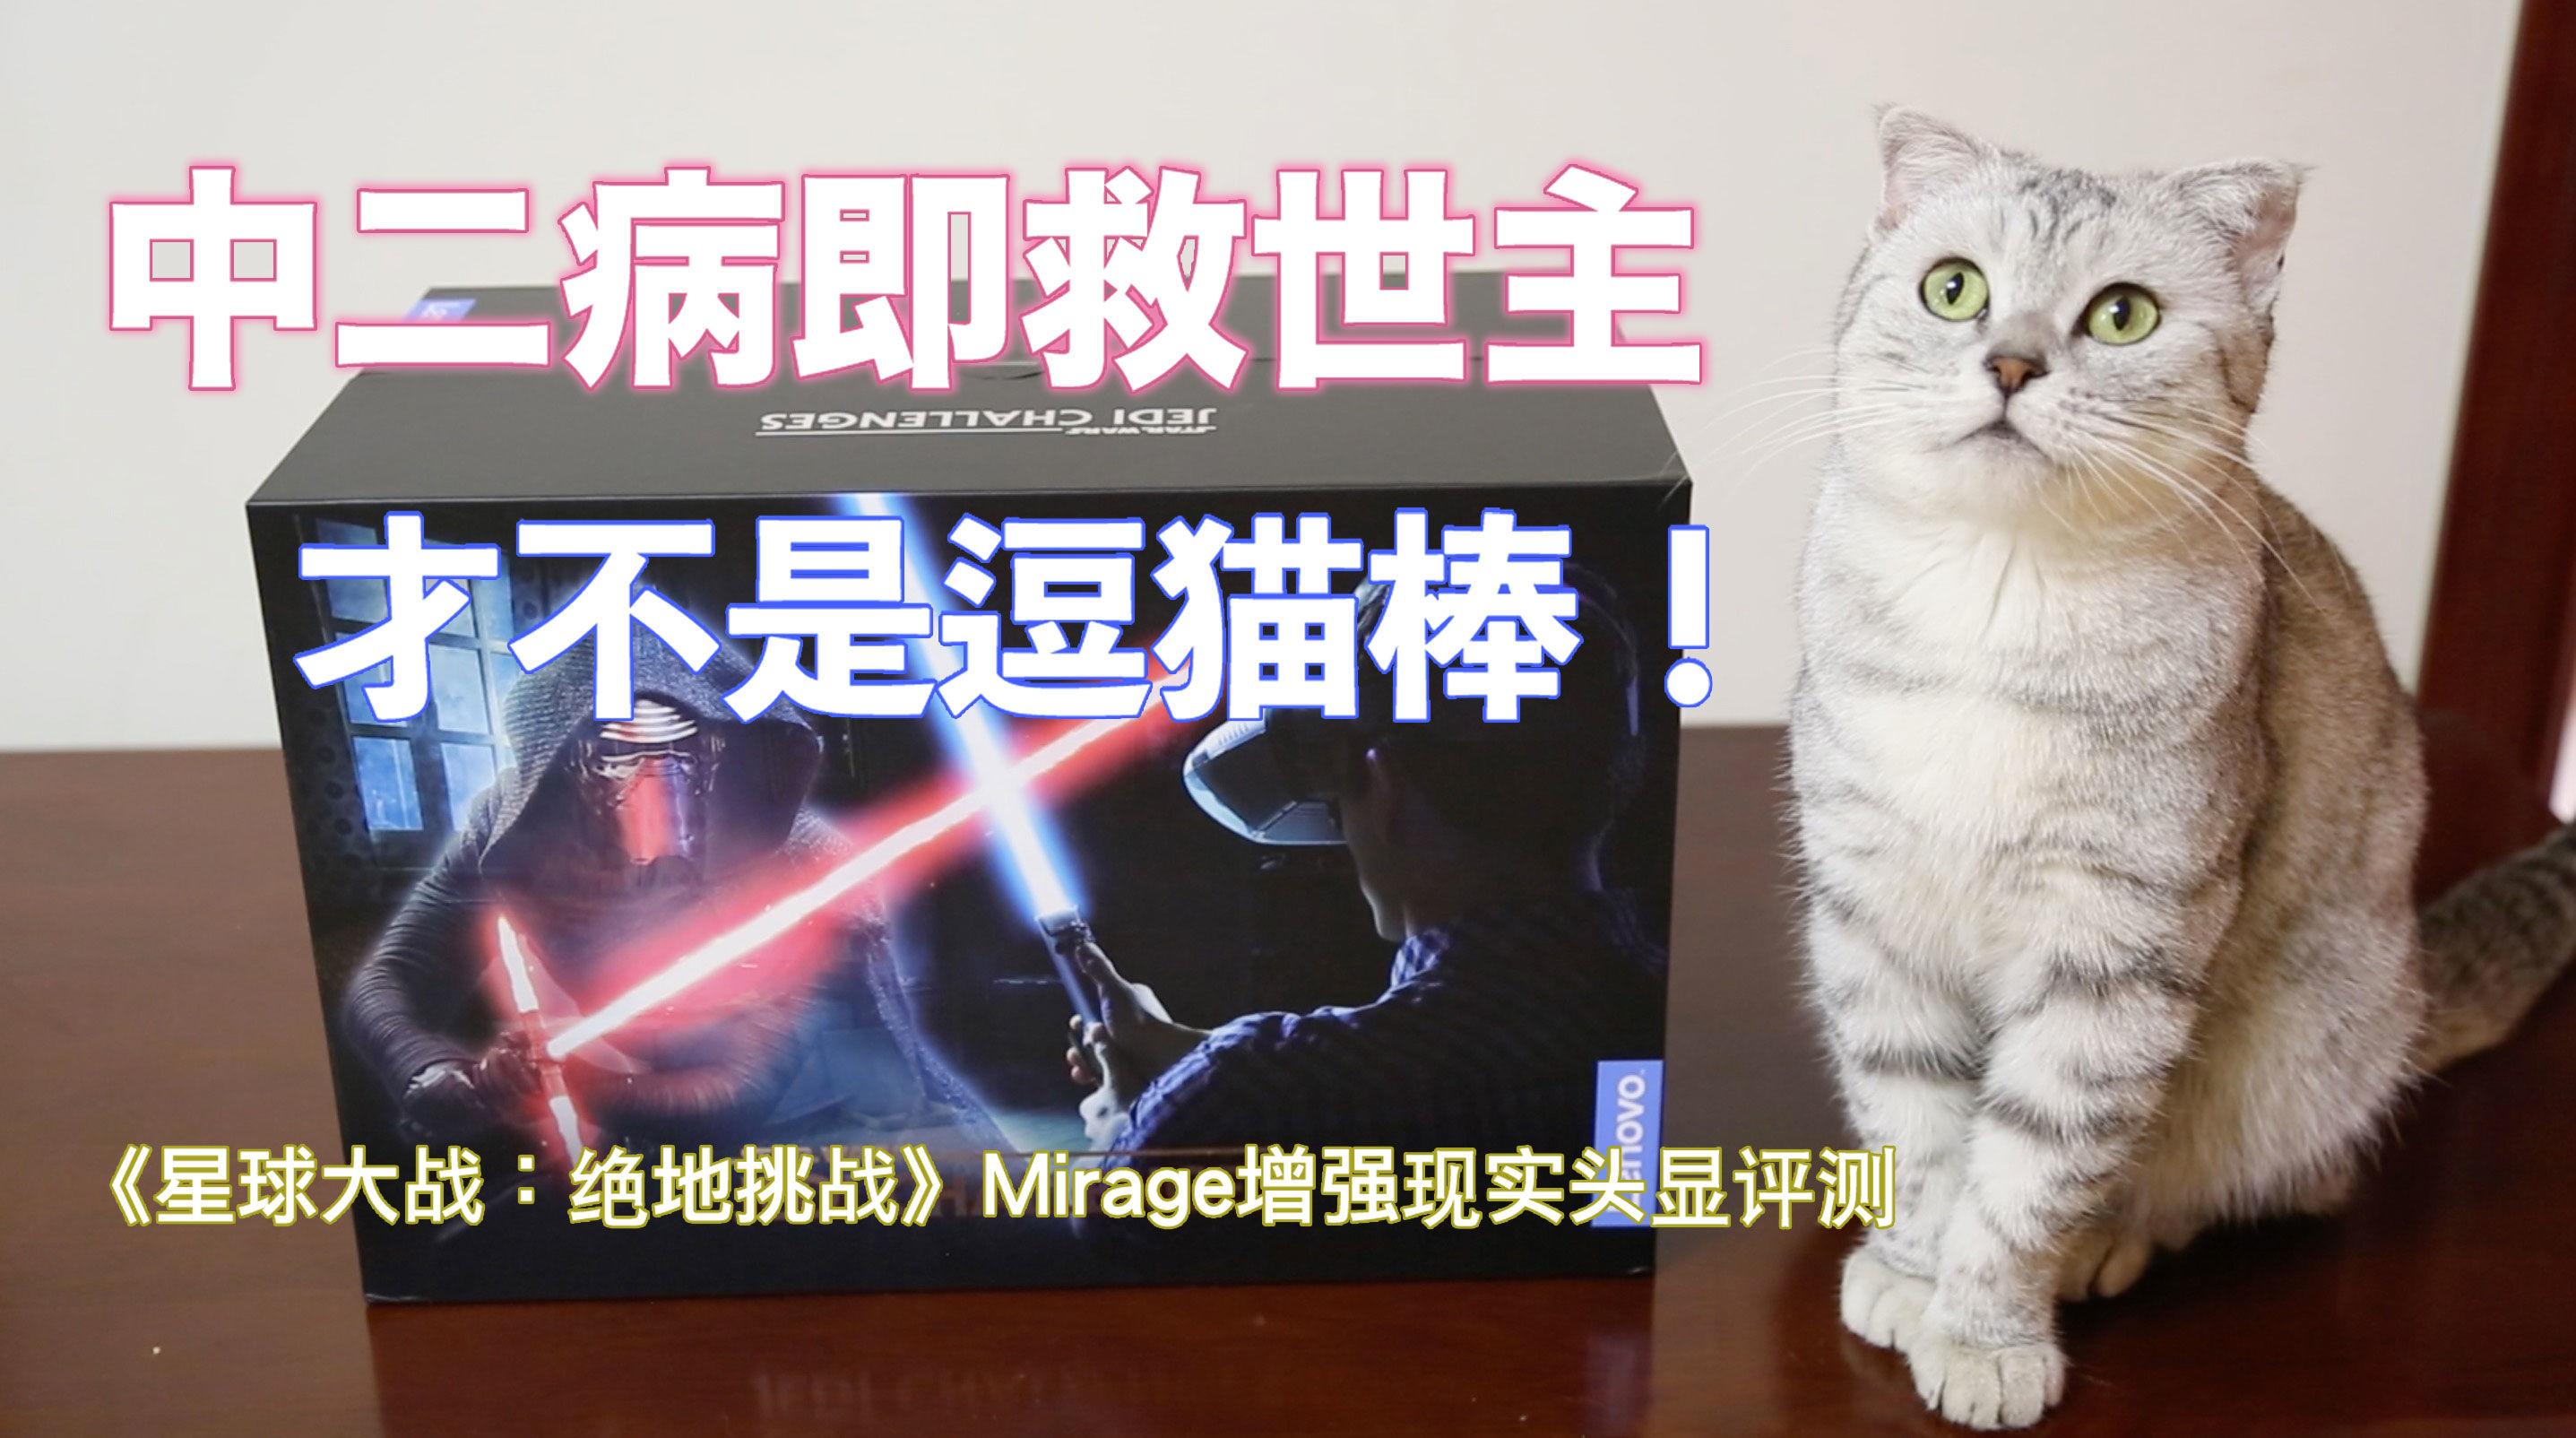 《星球大战:绝地挑战》Mirage增强现实头显评测